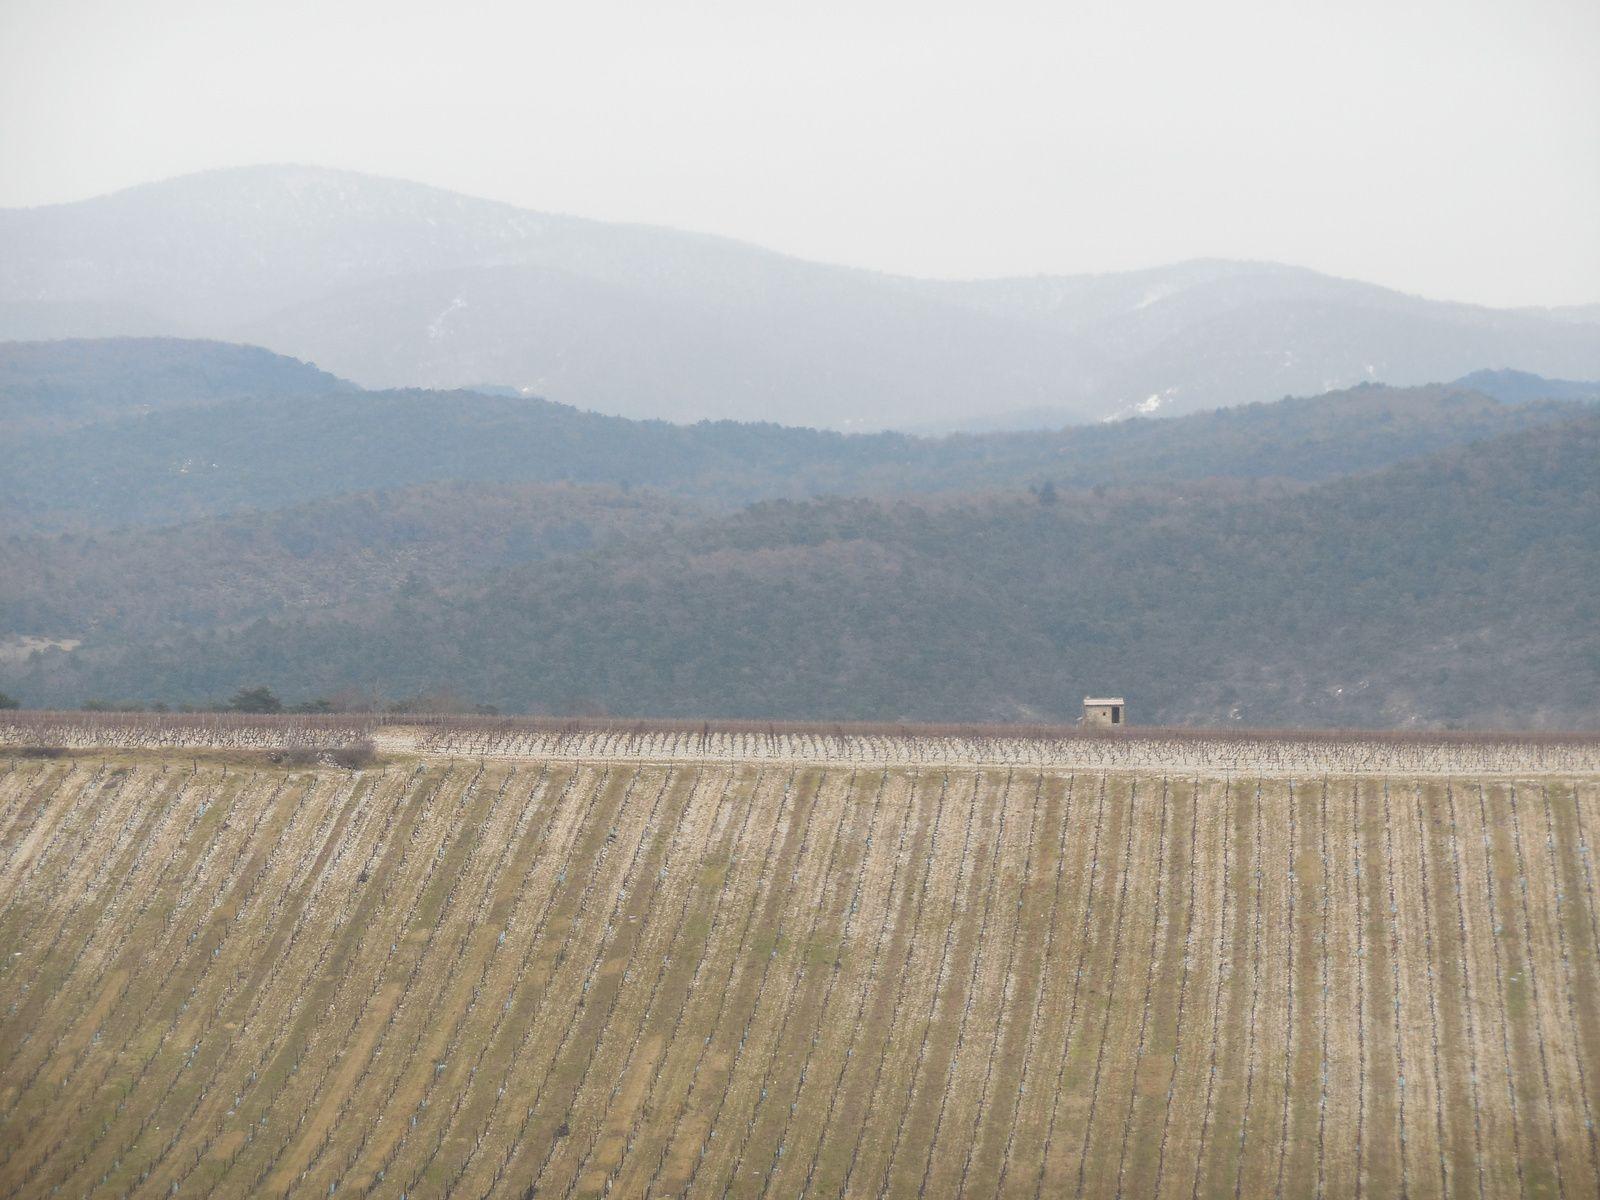 Vignes à Suze sur Crest; Un cabanon esseulé sur la crête.